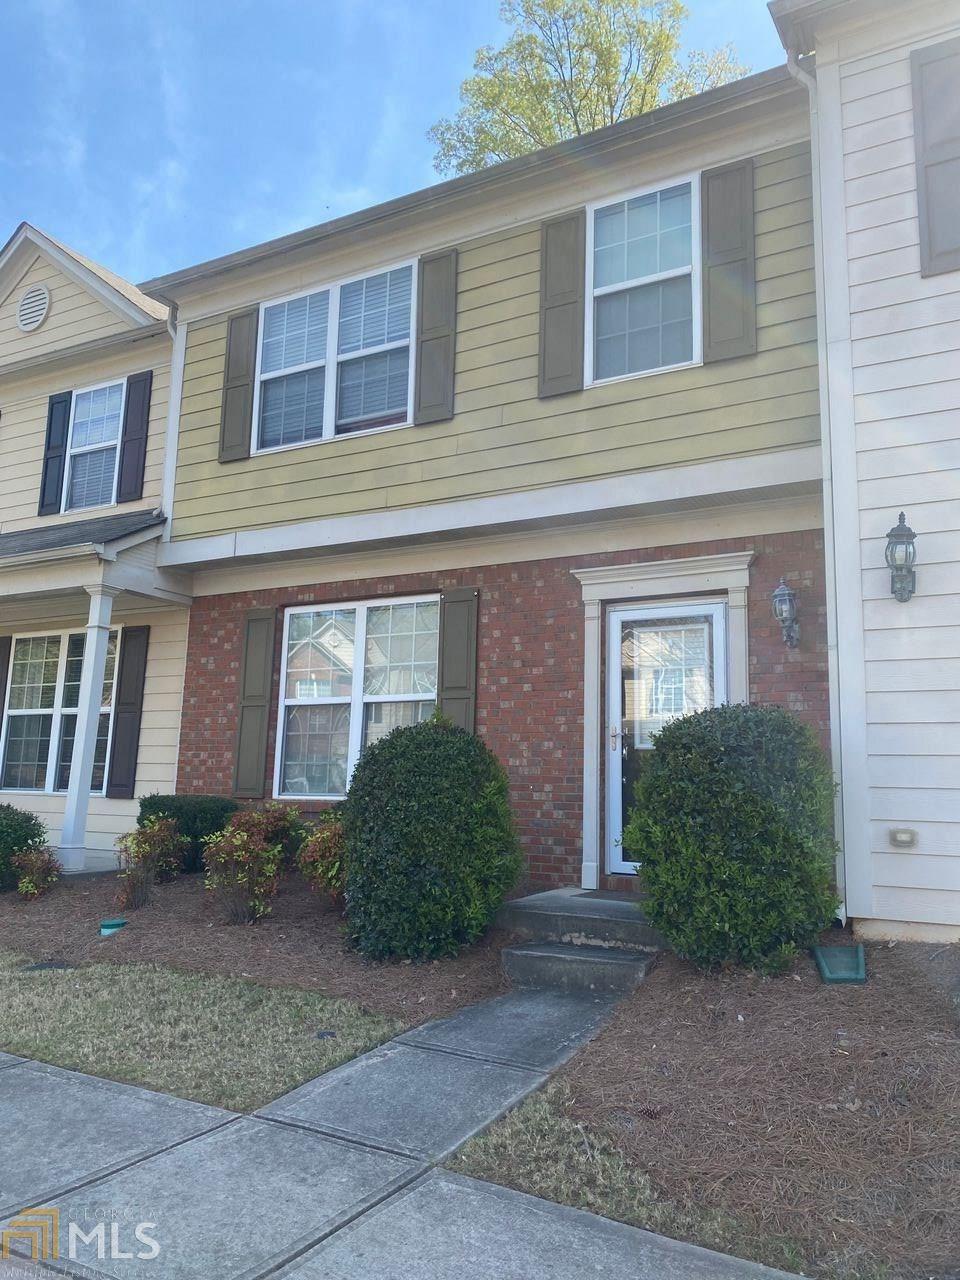 2809 Deerwood Ln, Atlanta, GA 30331 - MLS#: 8961883